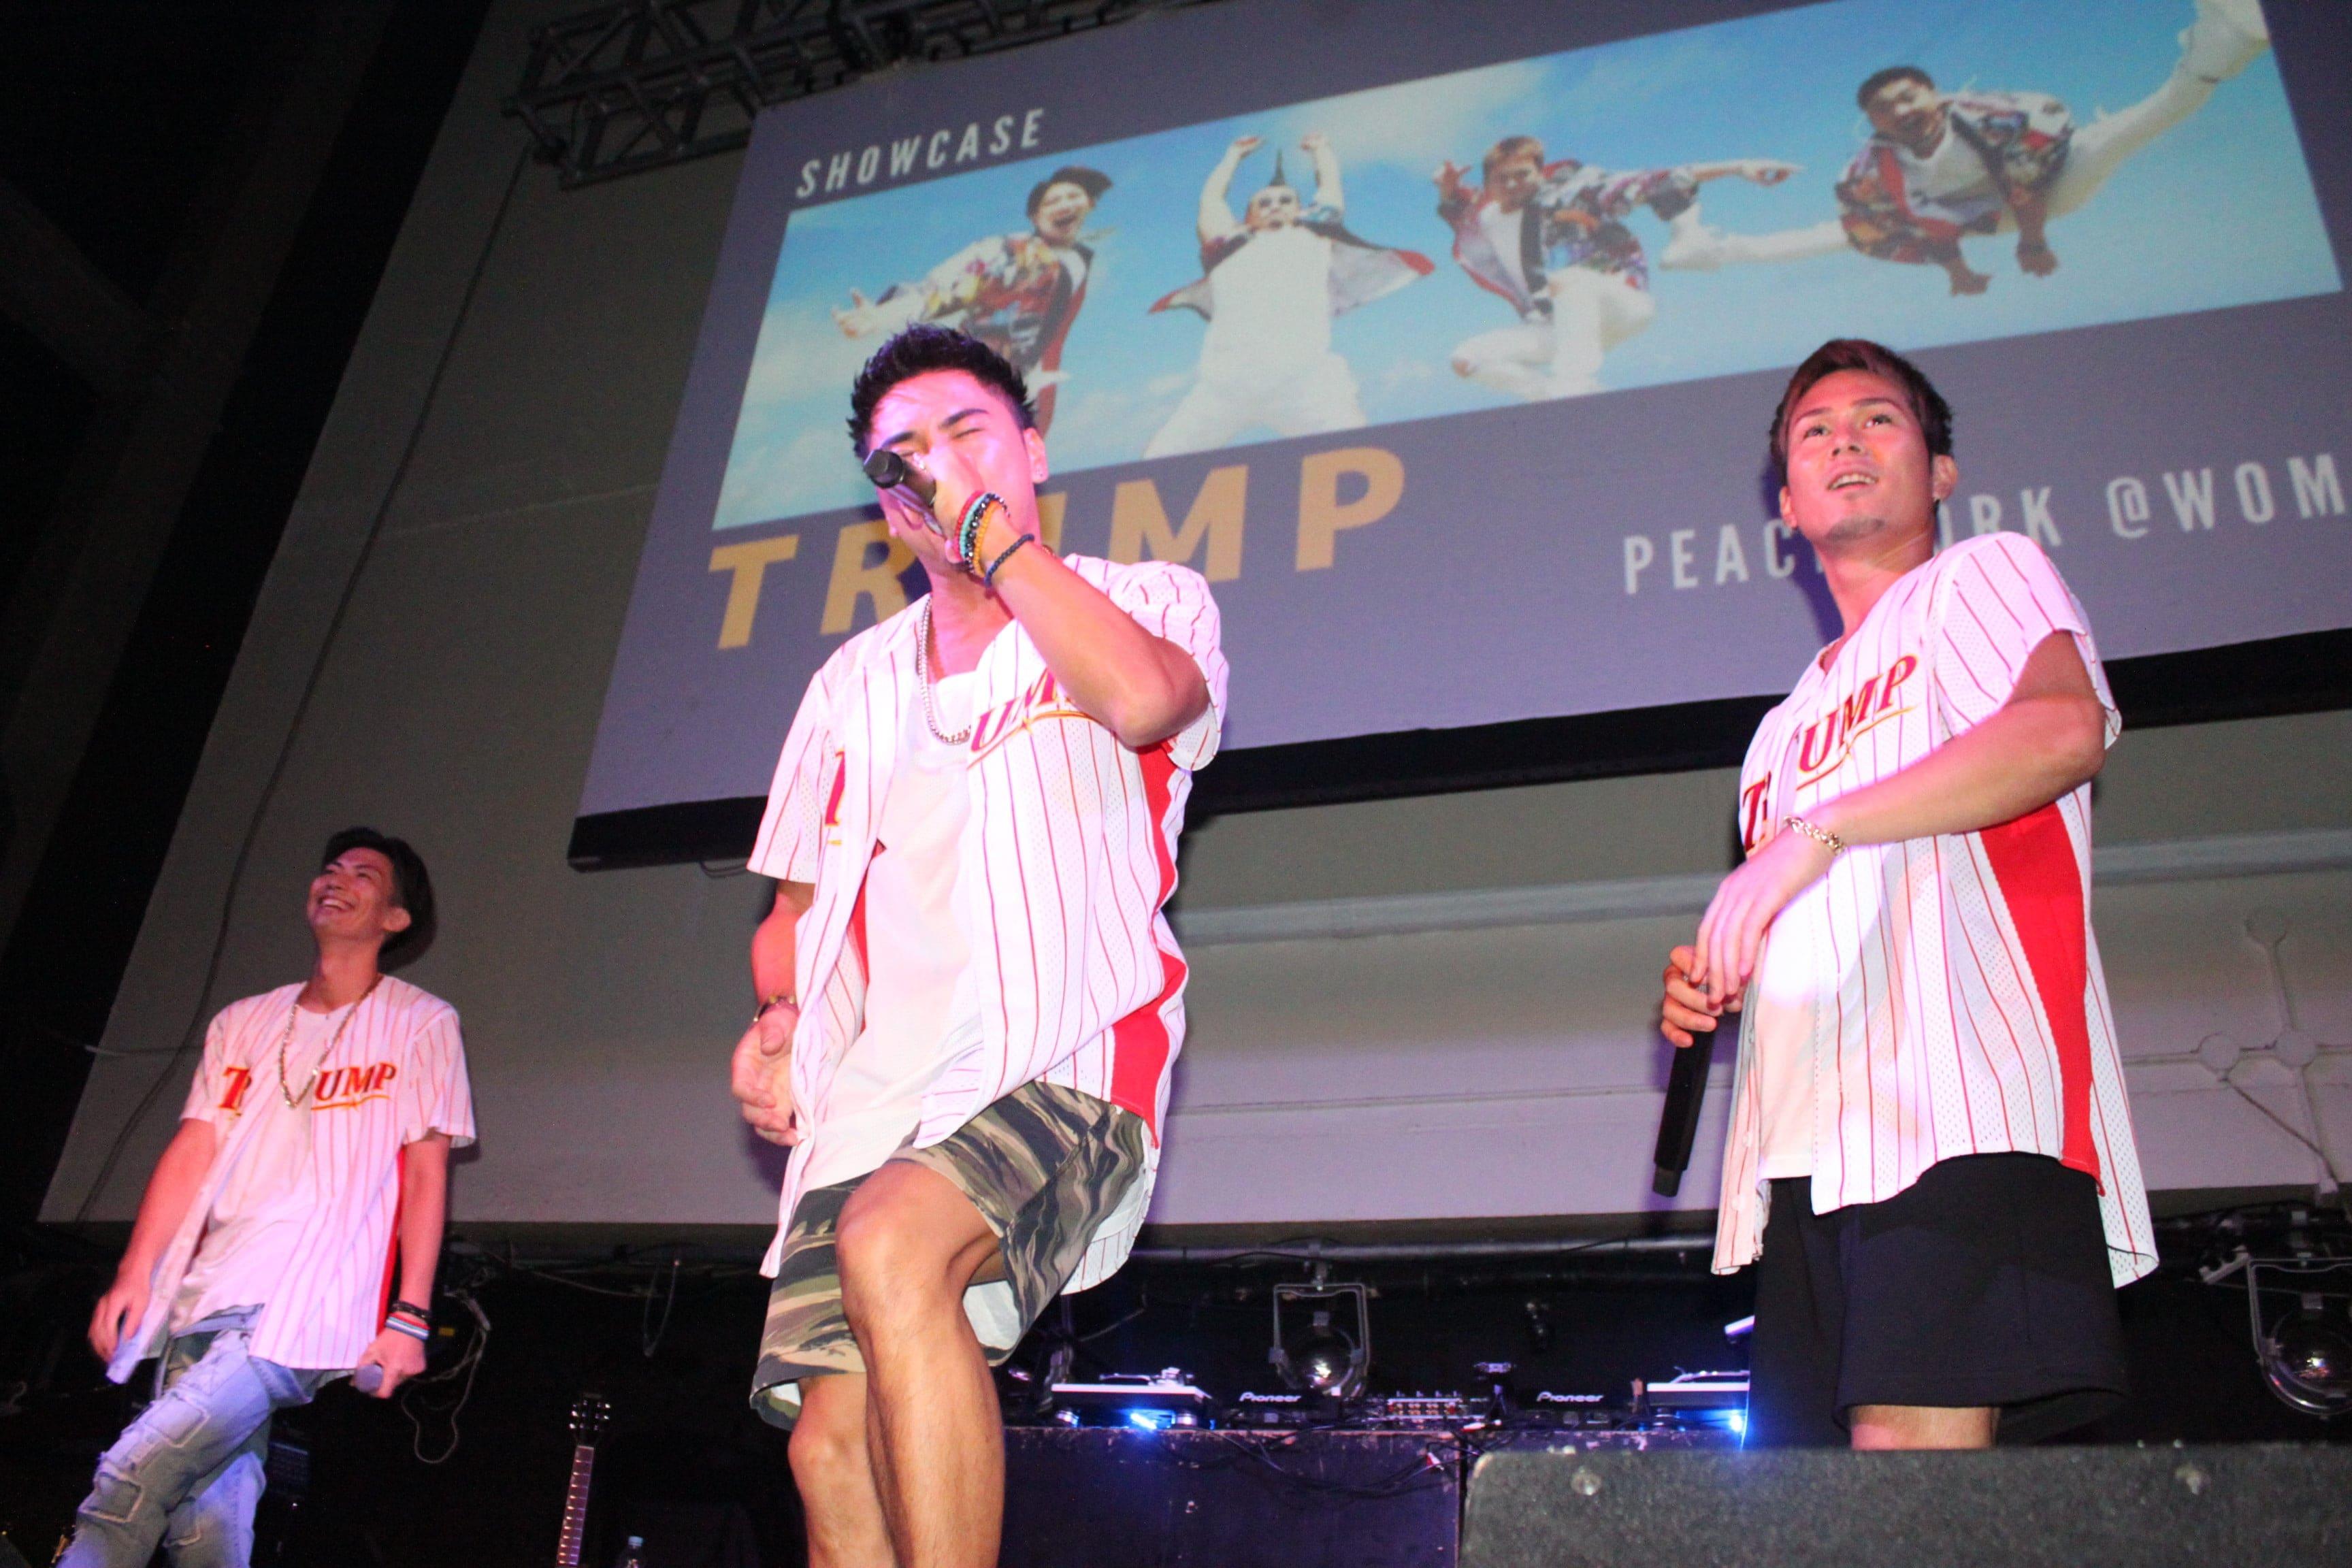 【店頭払い専用】★11/23 (金) 20:00〜23:30 ★『 PeaceWork 〜Special guest:TRUMP 〜』のイメージその3